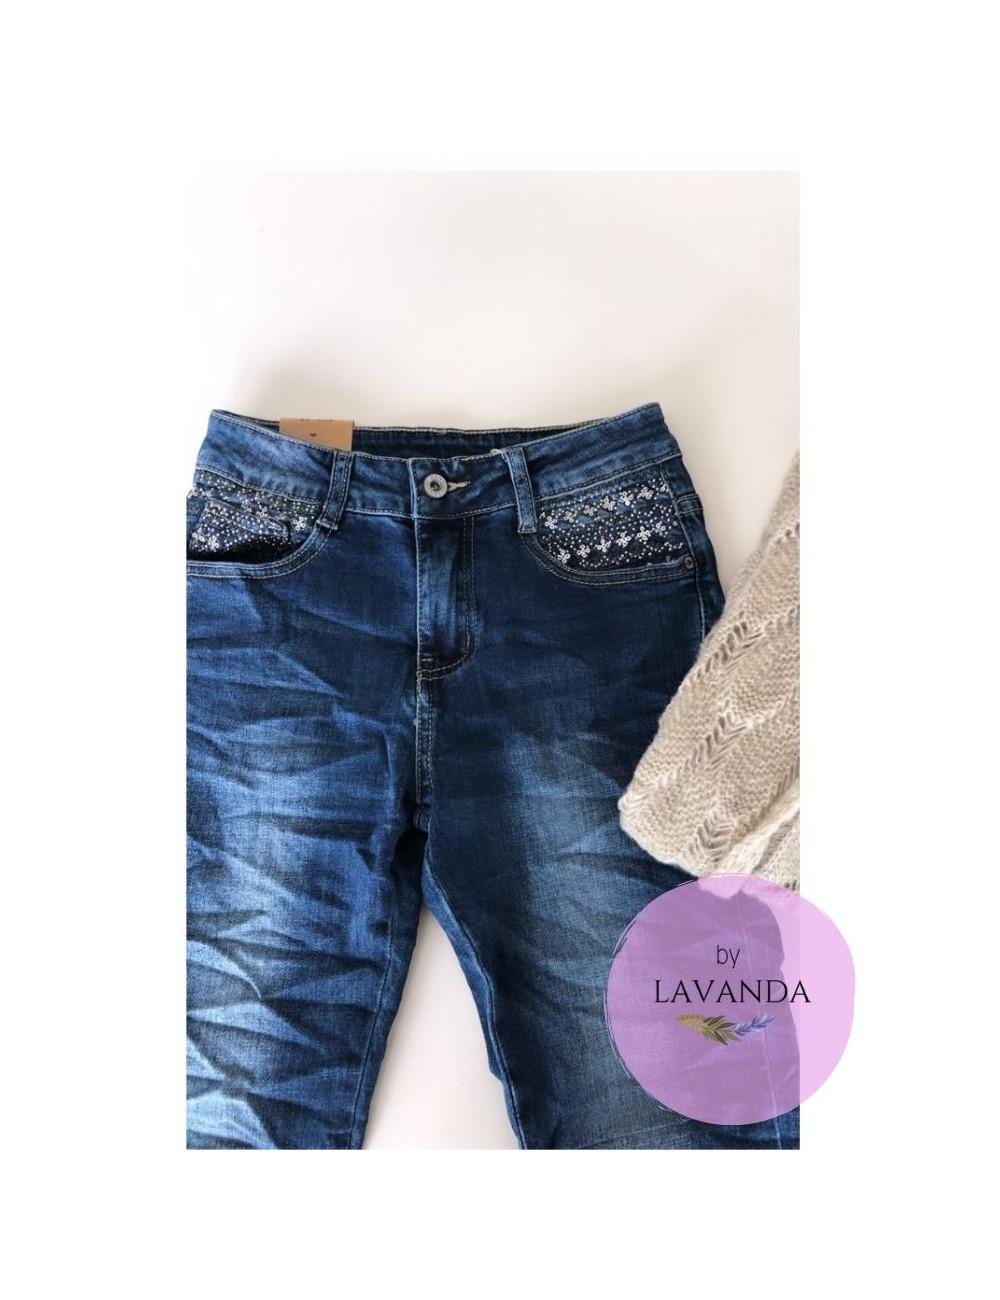 Jeans brillos